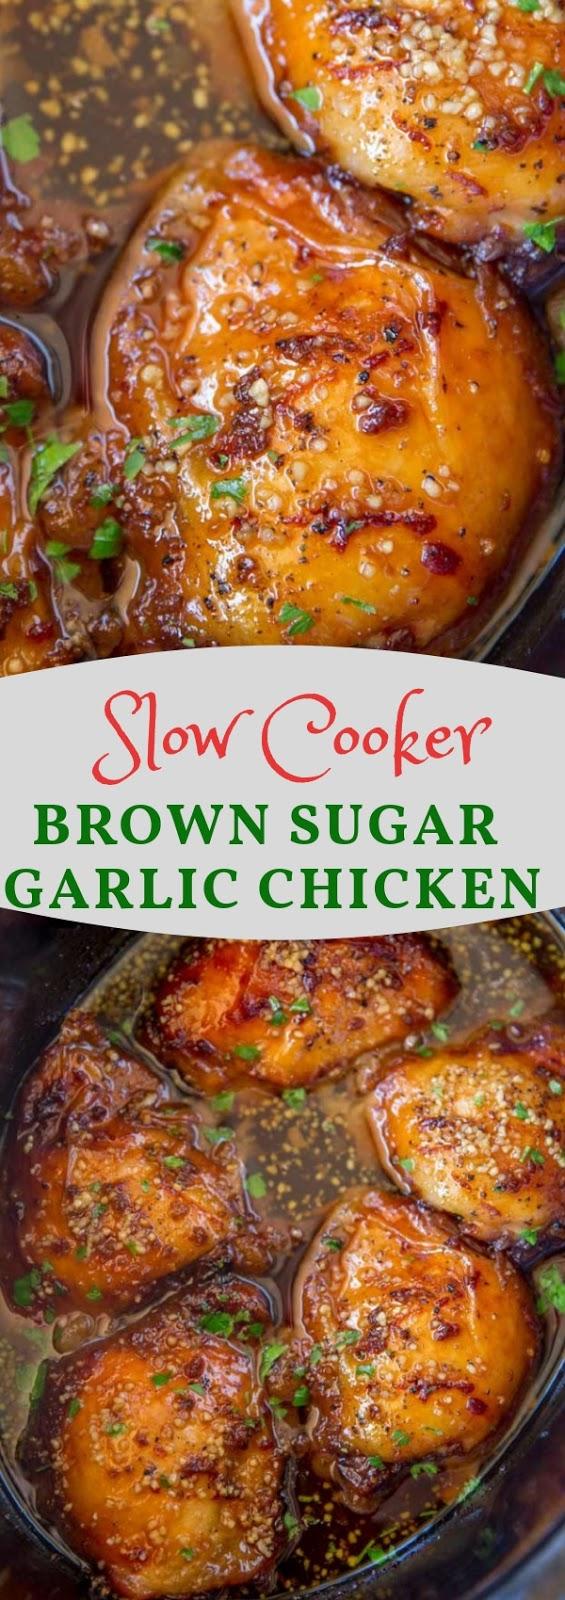 Slow Cooker Brown Sugar Garlic Chicken  #maincourse #slowcooker #chicken